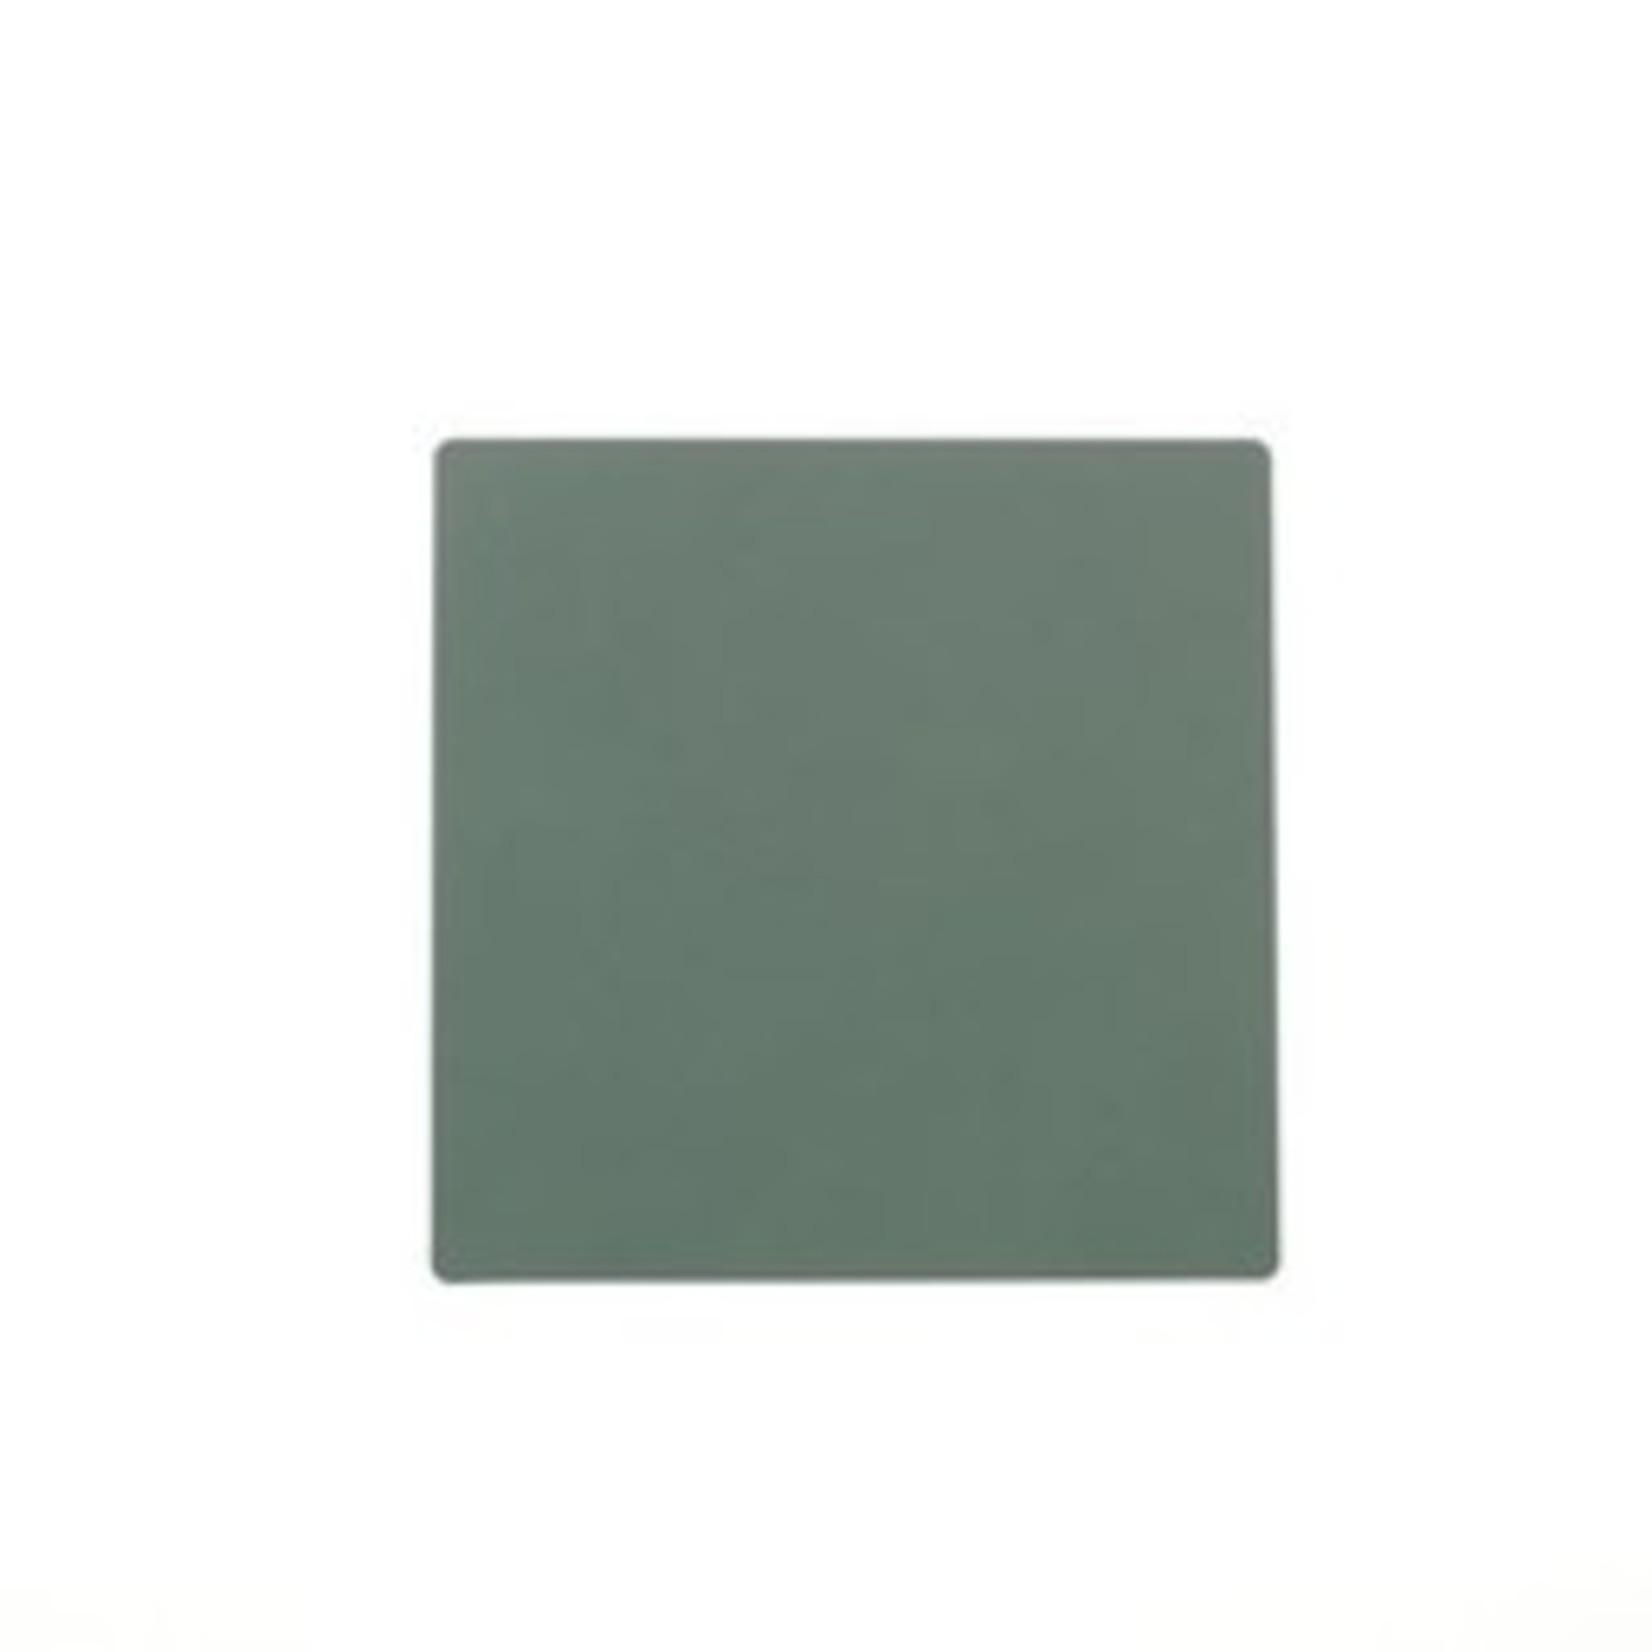 Lind DNA Onderzetter - Nupo - Pastel groen